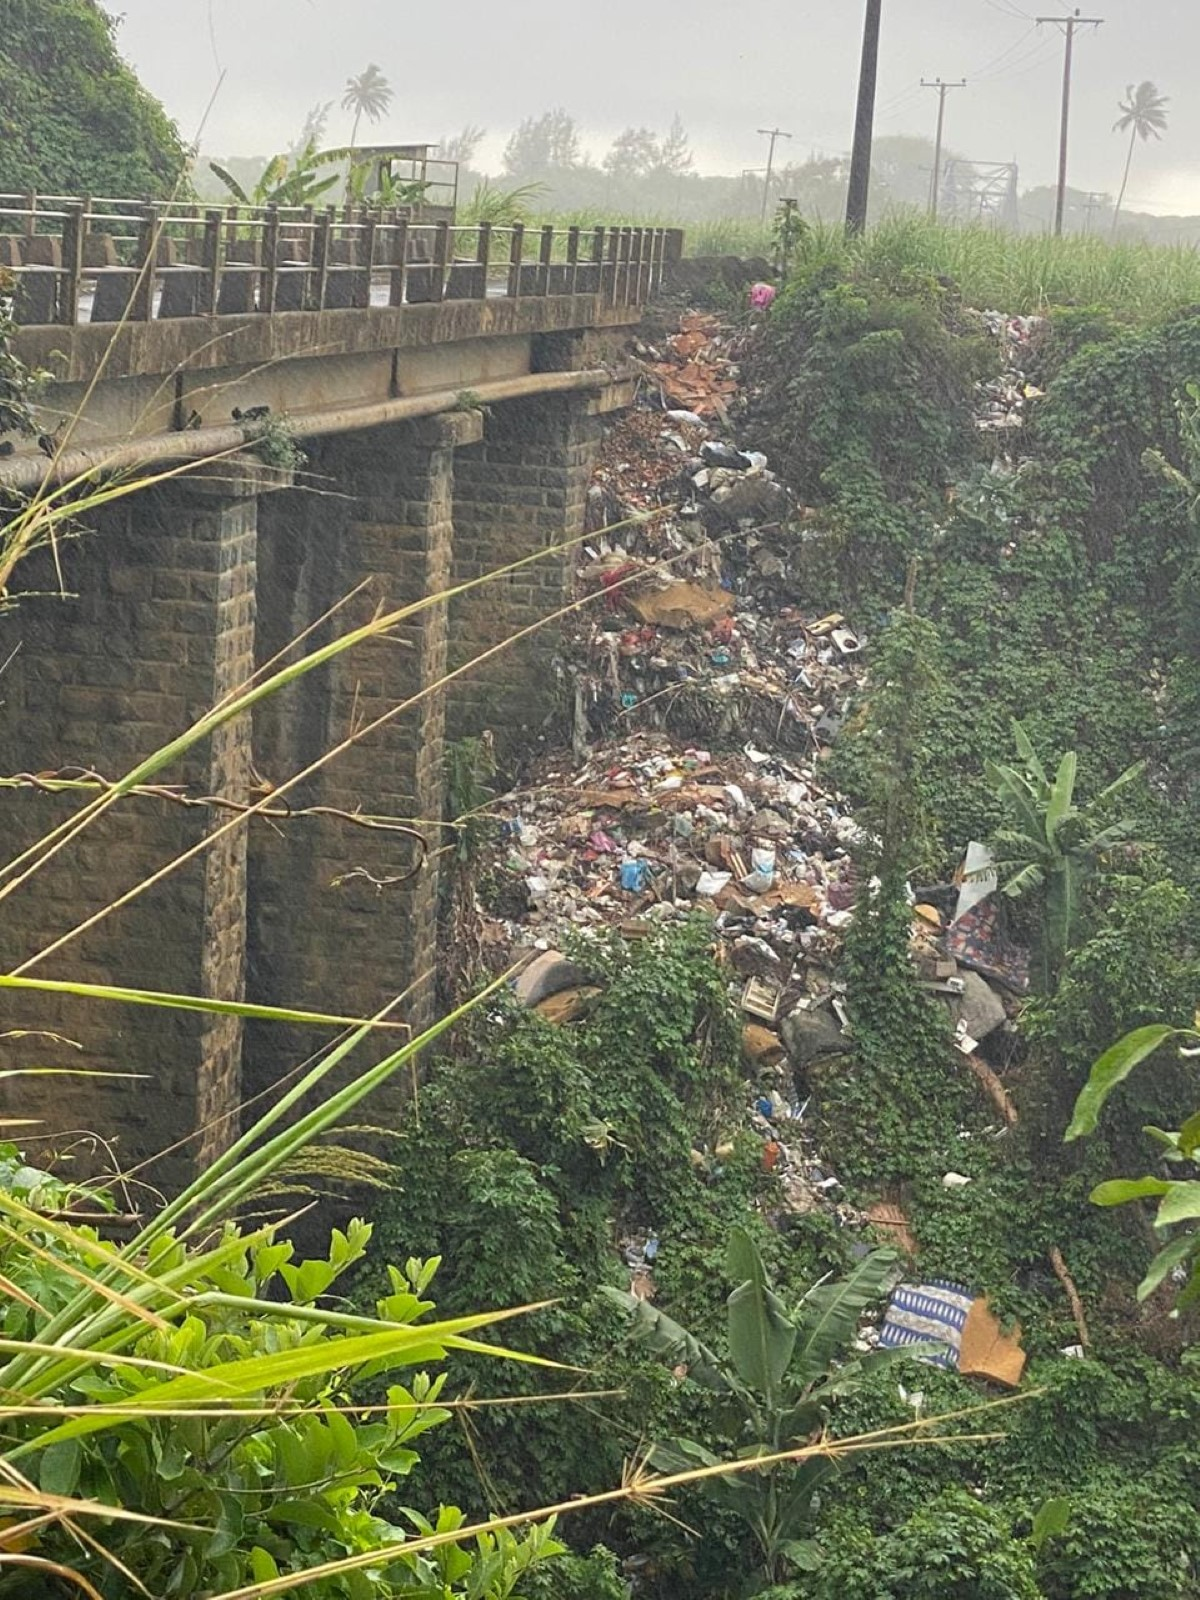 [Vidéo] Dans le Sud de l'île, sous le pont Omnicane, une poubelle géante à ciel ouvert